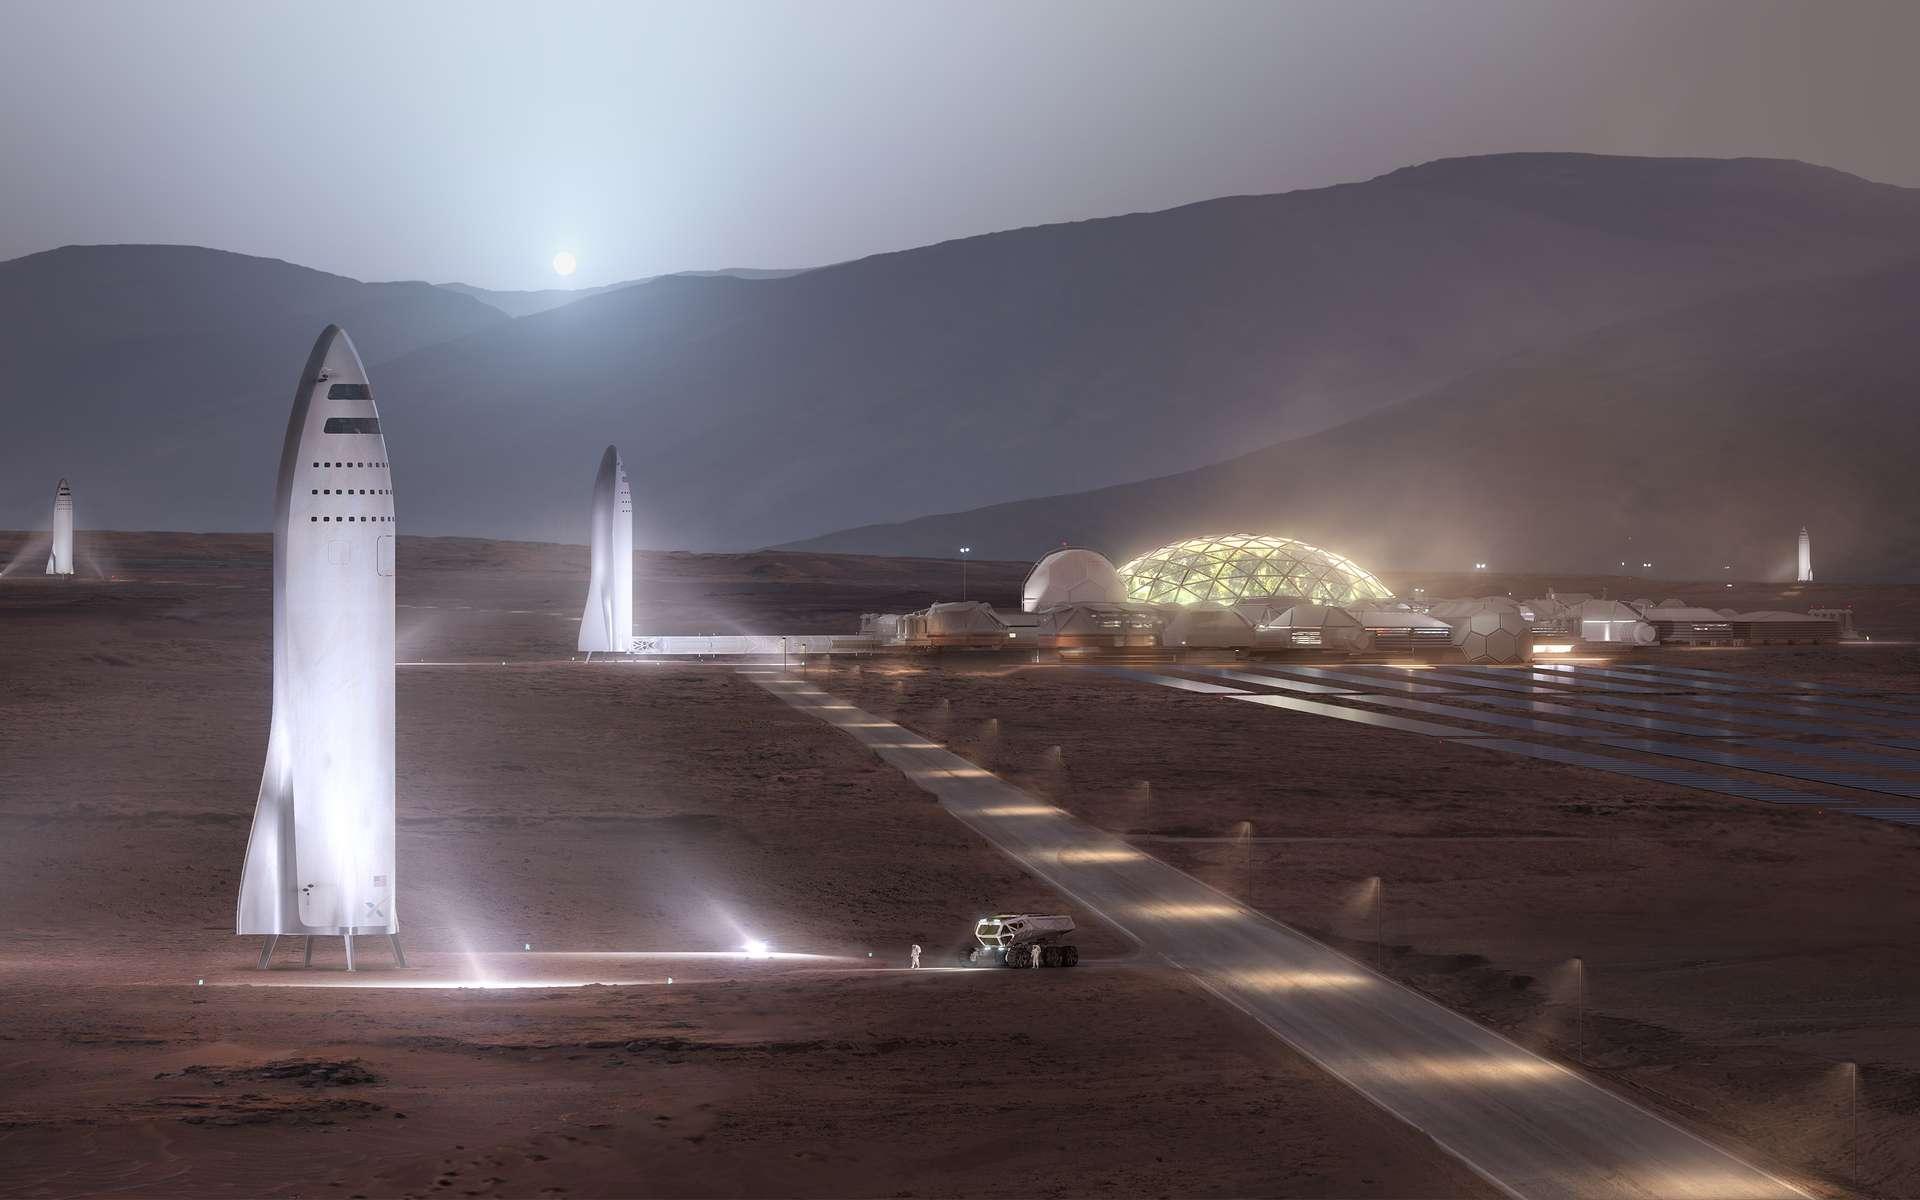 Vue d'artiste des bases martiennes et de lanceurs BFR prêts à décoller. © SpaceX